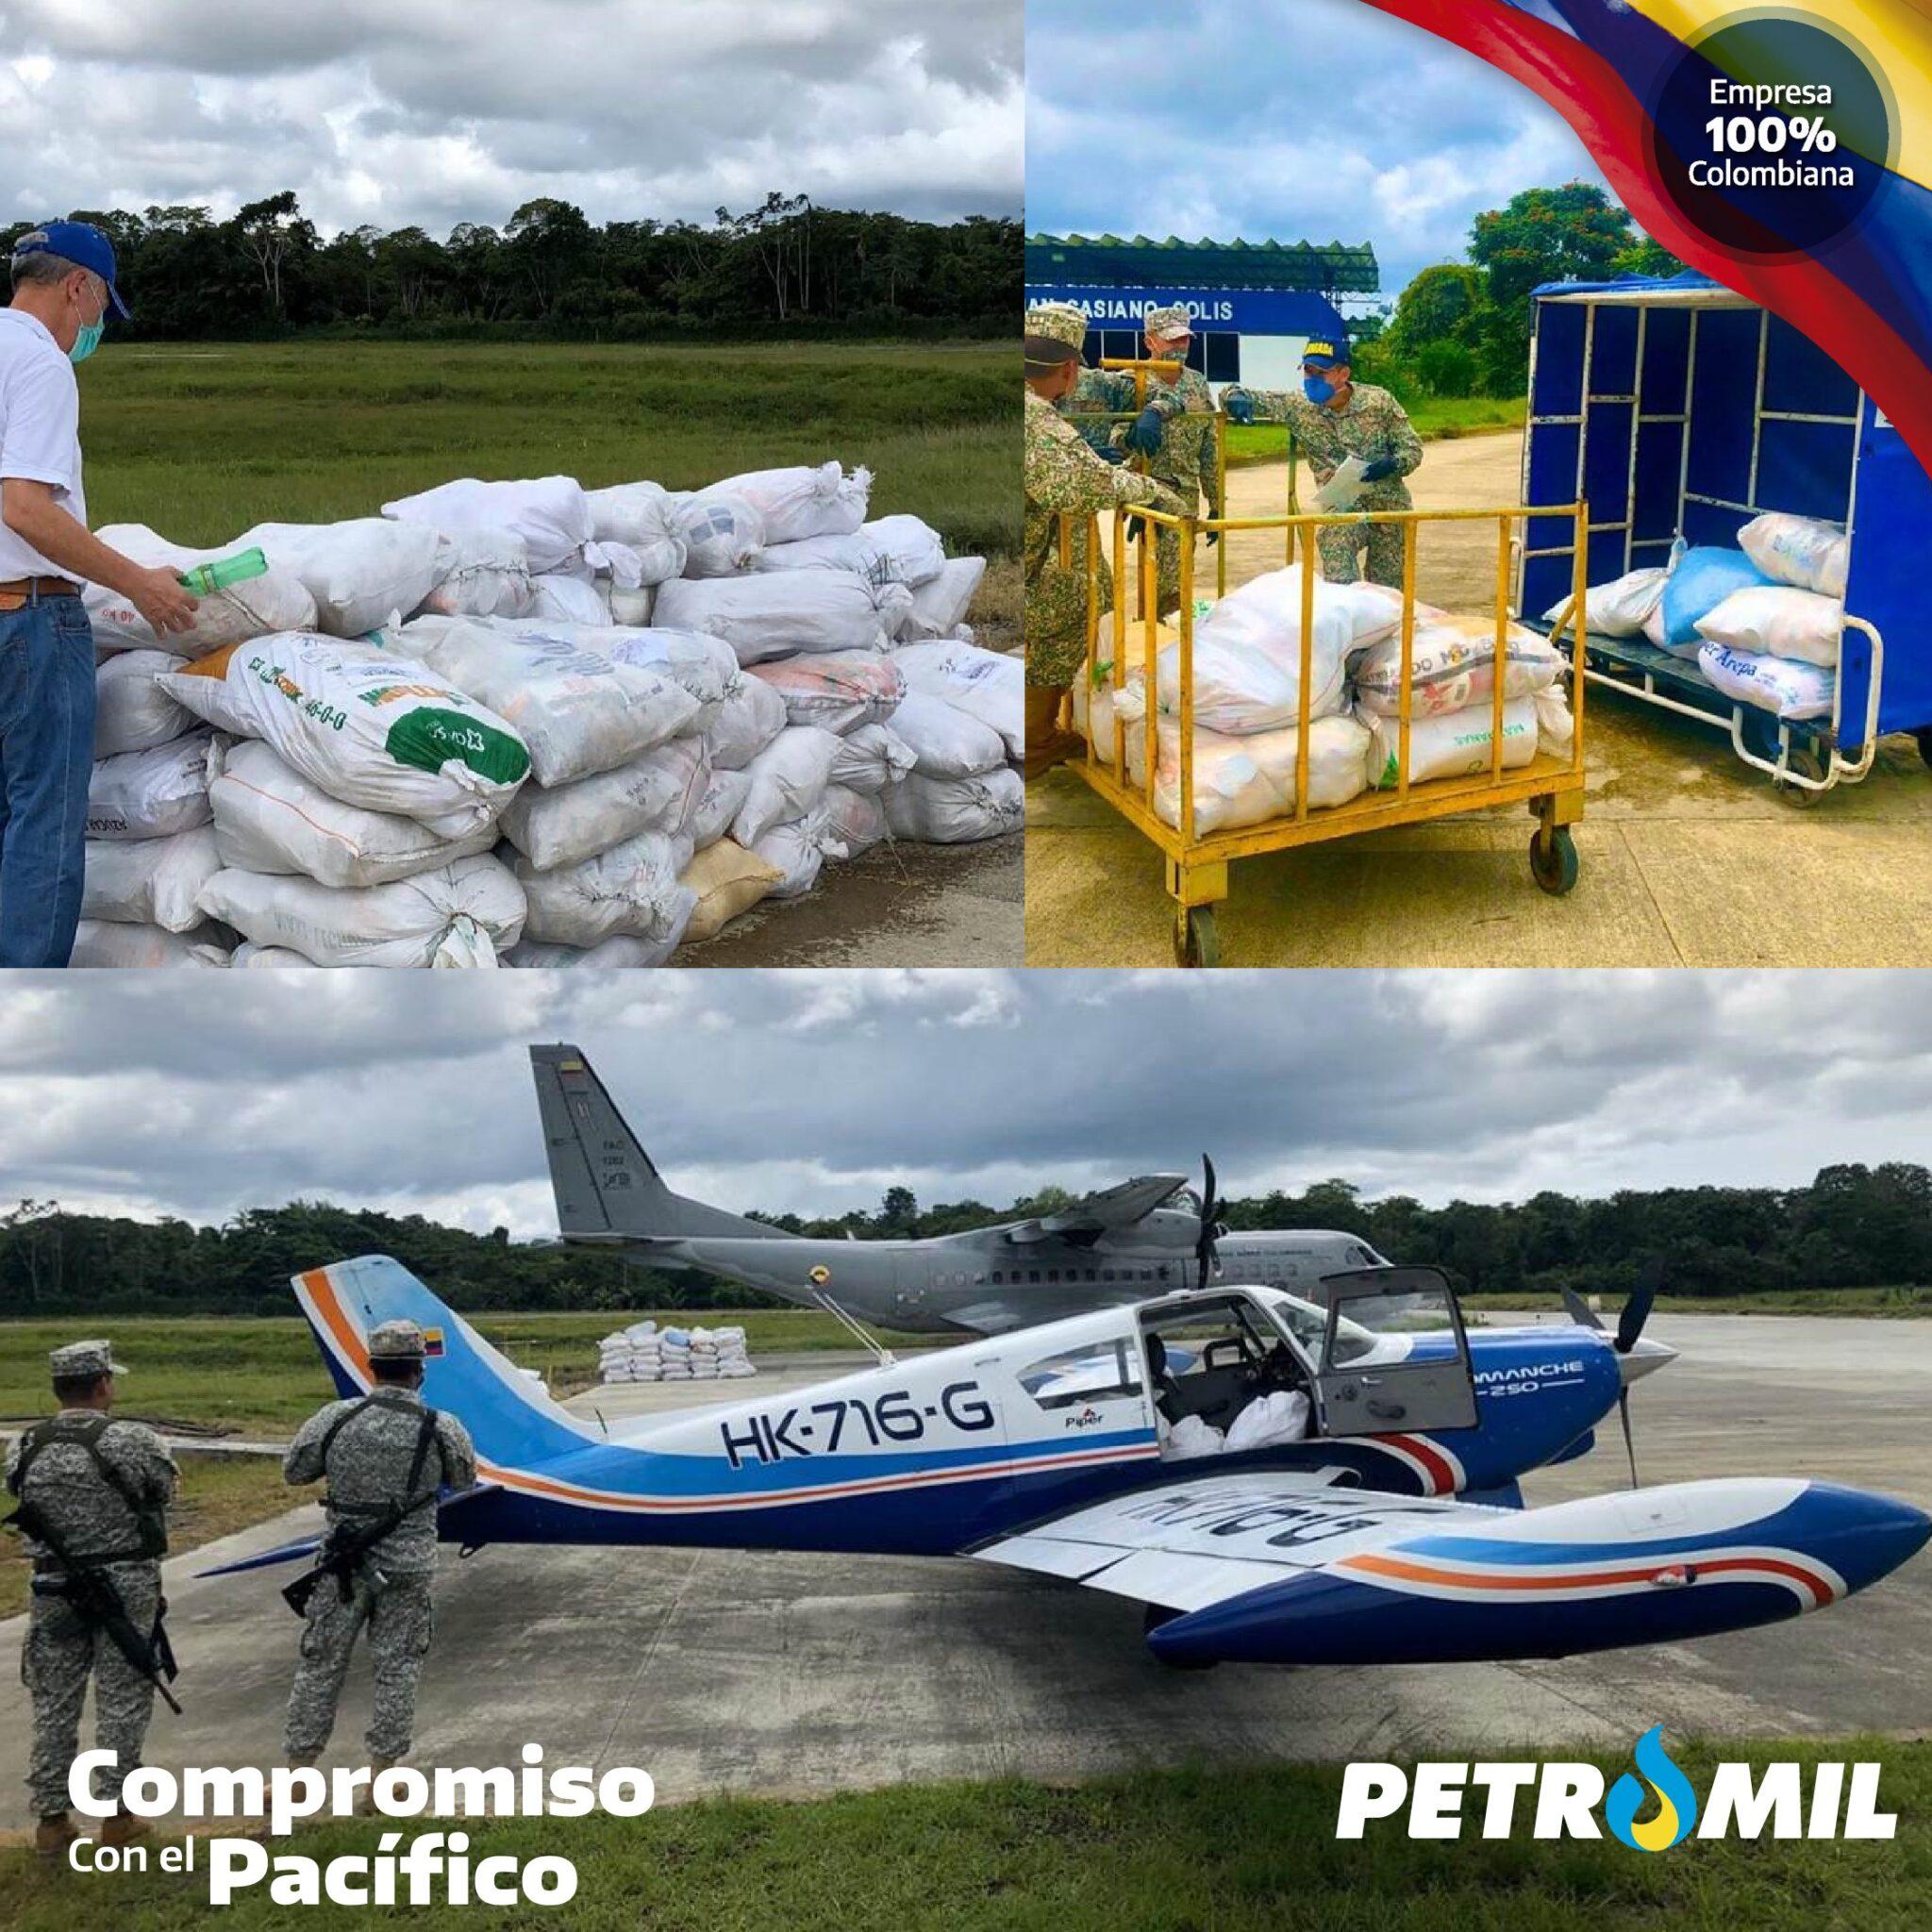 Donamos combustible a la Patrulla Aérea del Pacífico con el fin de movilizar la ayuda humanitaria entregada por la Presidencia de Colombia a la población de Timbiquí, en Cauca.